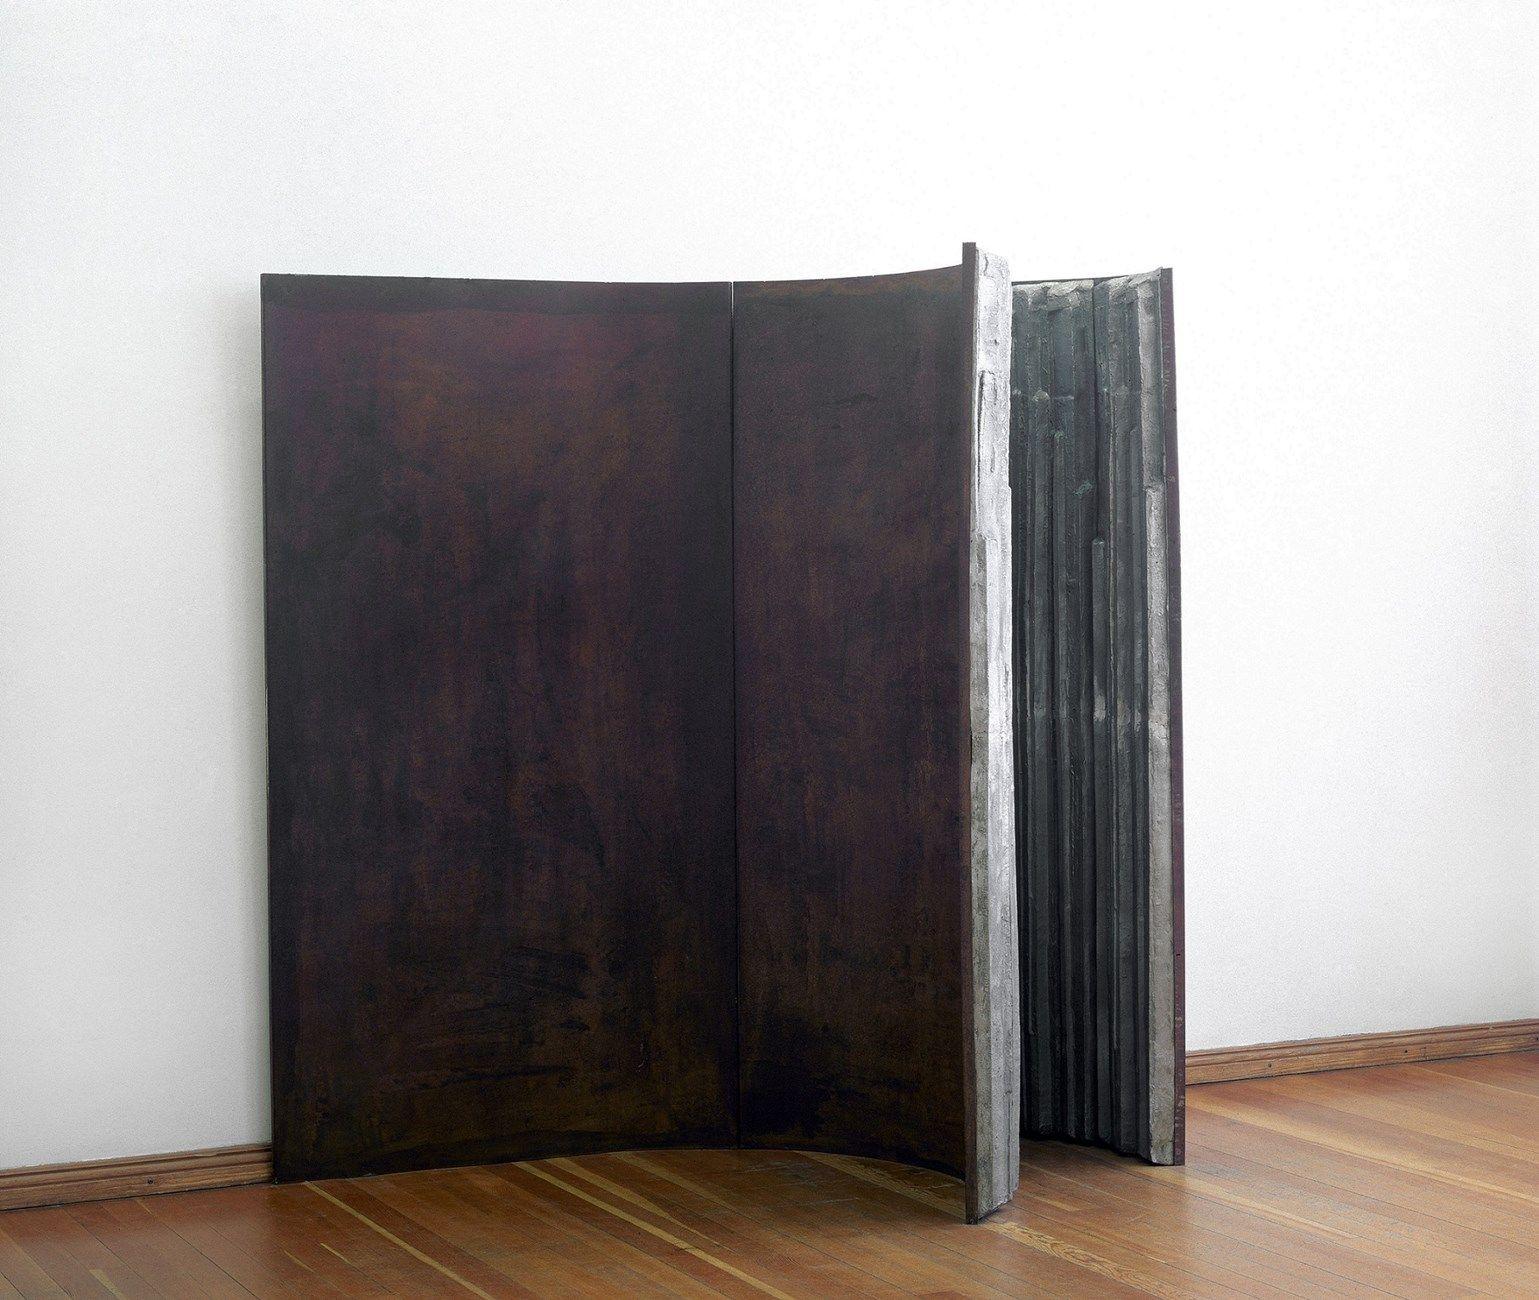 Cristina Iglesias, Senza titolo, 1991. Fibra di cemento e ferro. Courtesy IVAM, Institut Valencià d'Art Modern